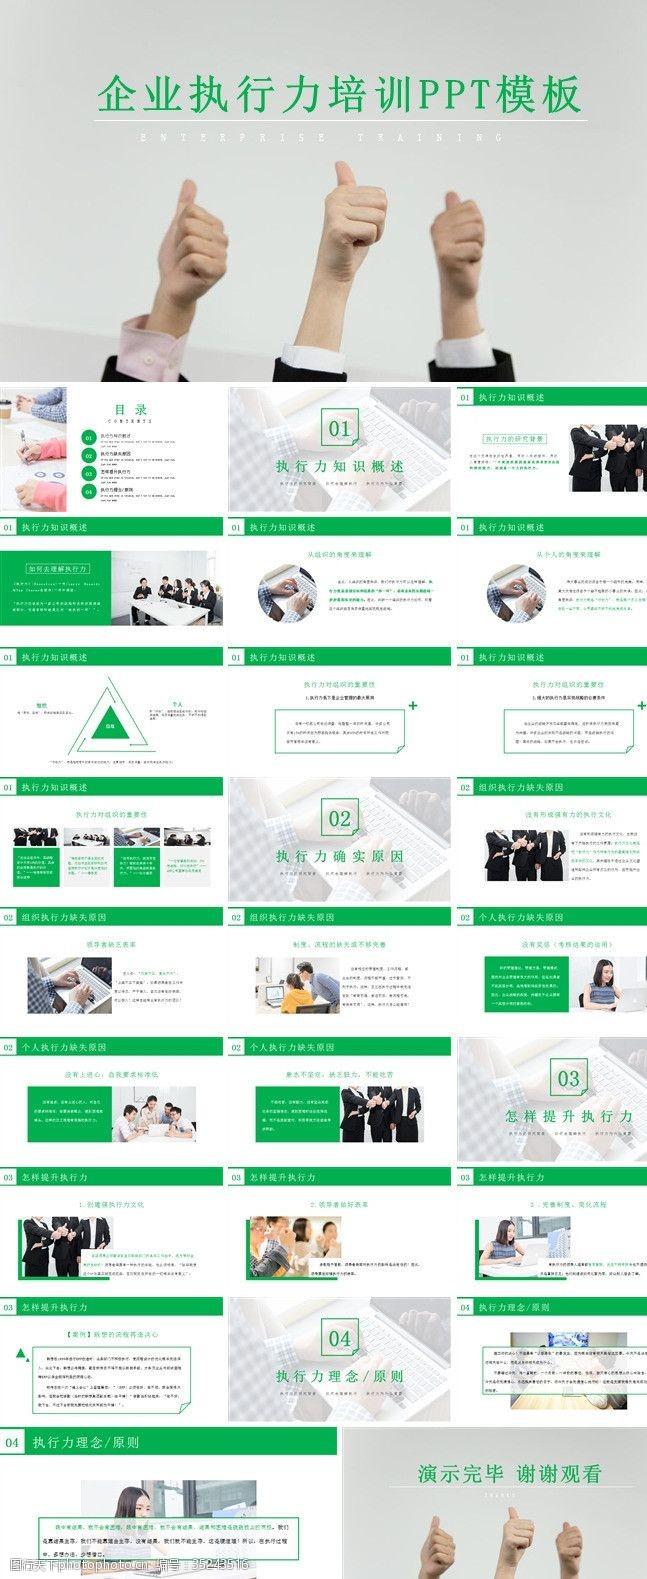 绿色简约风格企业教育培训PPT